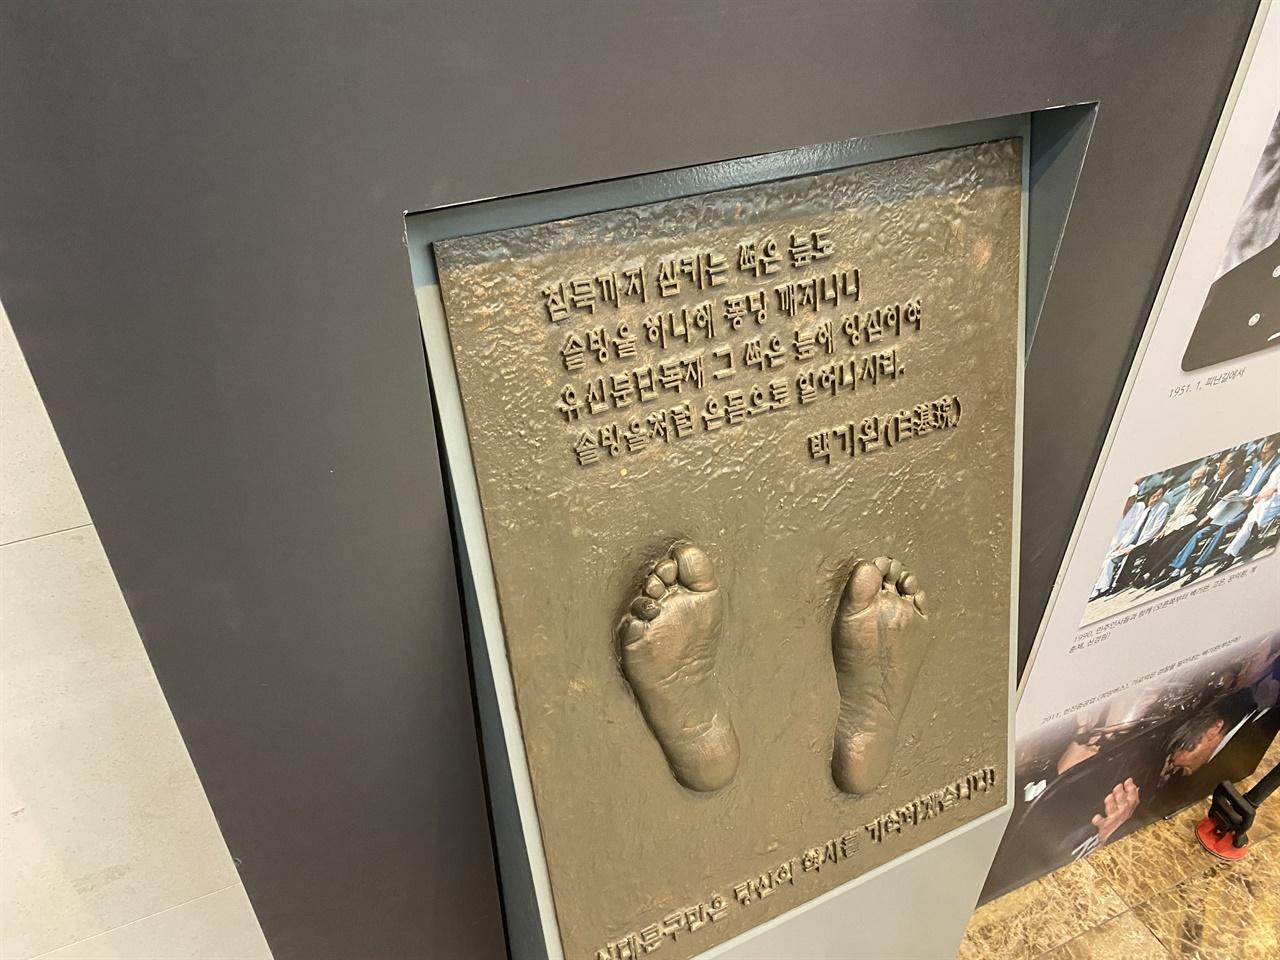 백기완 소장의 발자국 그가 평생을 뛰어다녔던 길거리에, 하나의 비석처럼 새겨져 있을 그의 발자국.